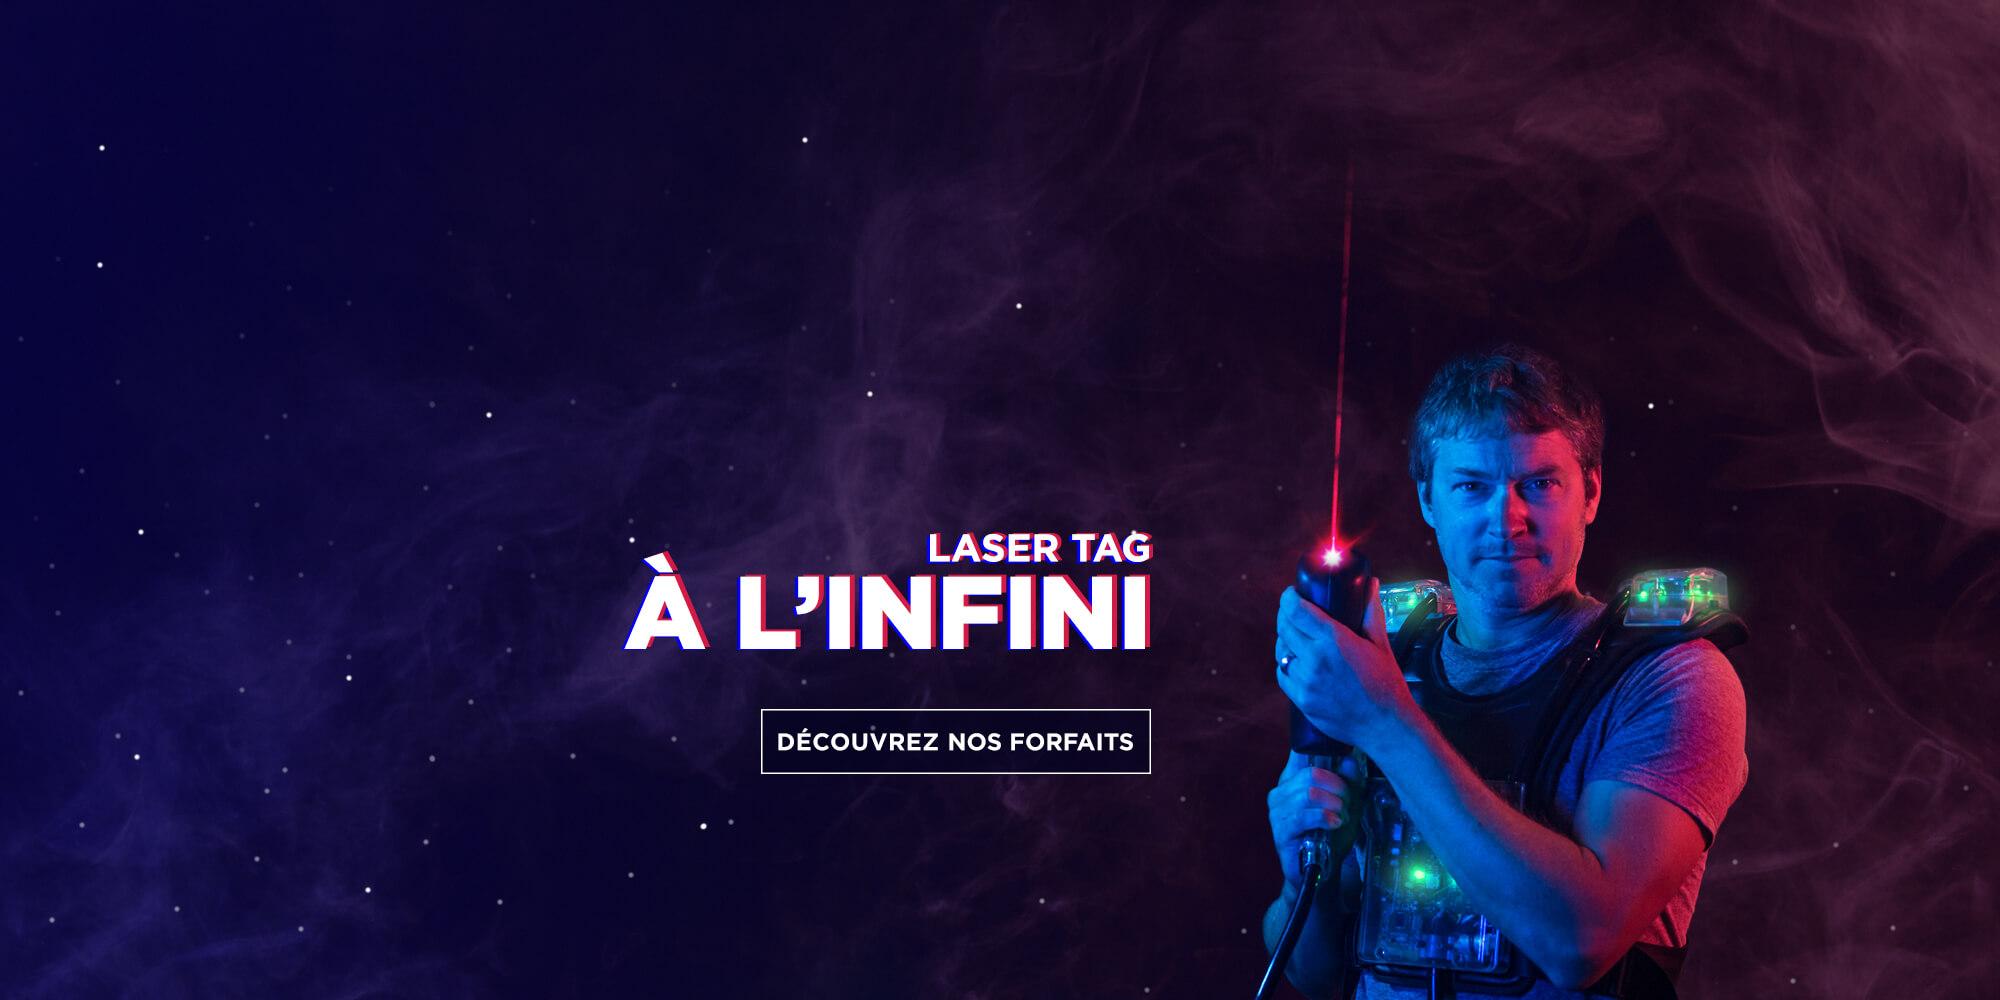 Homme avec équipement de Laser tag   Laser Tag à l'infini